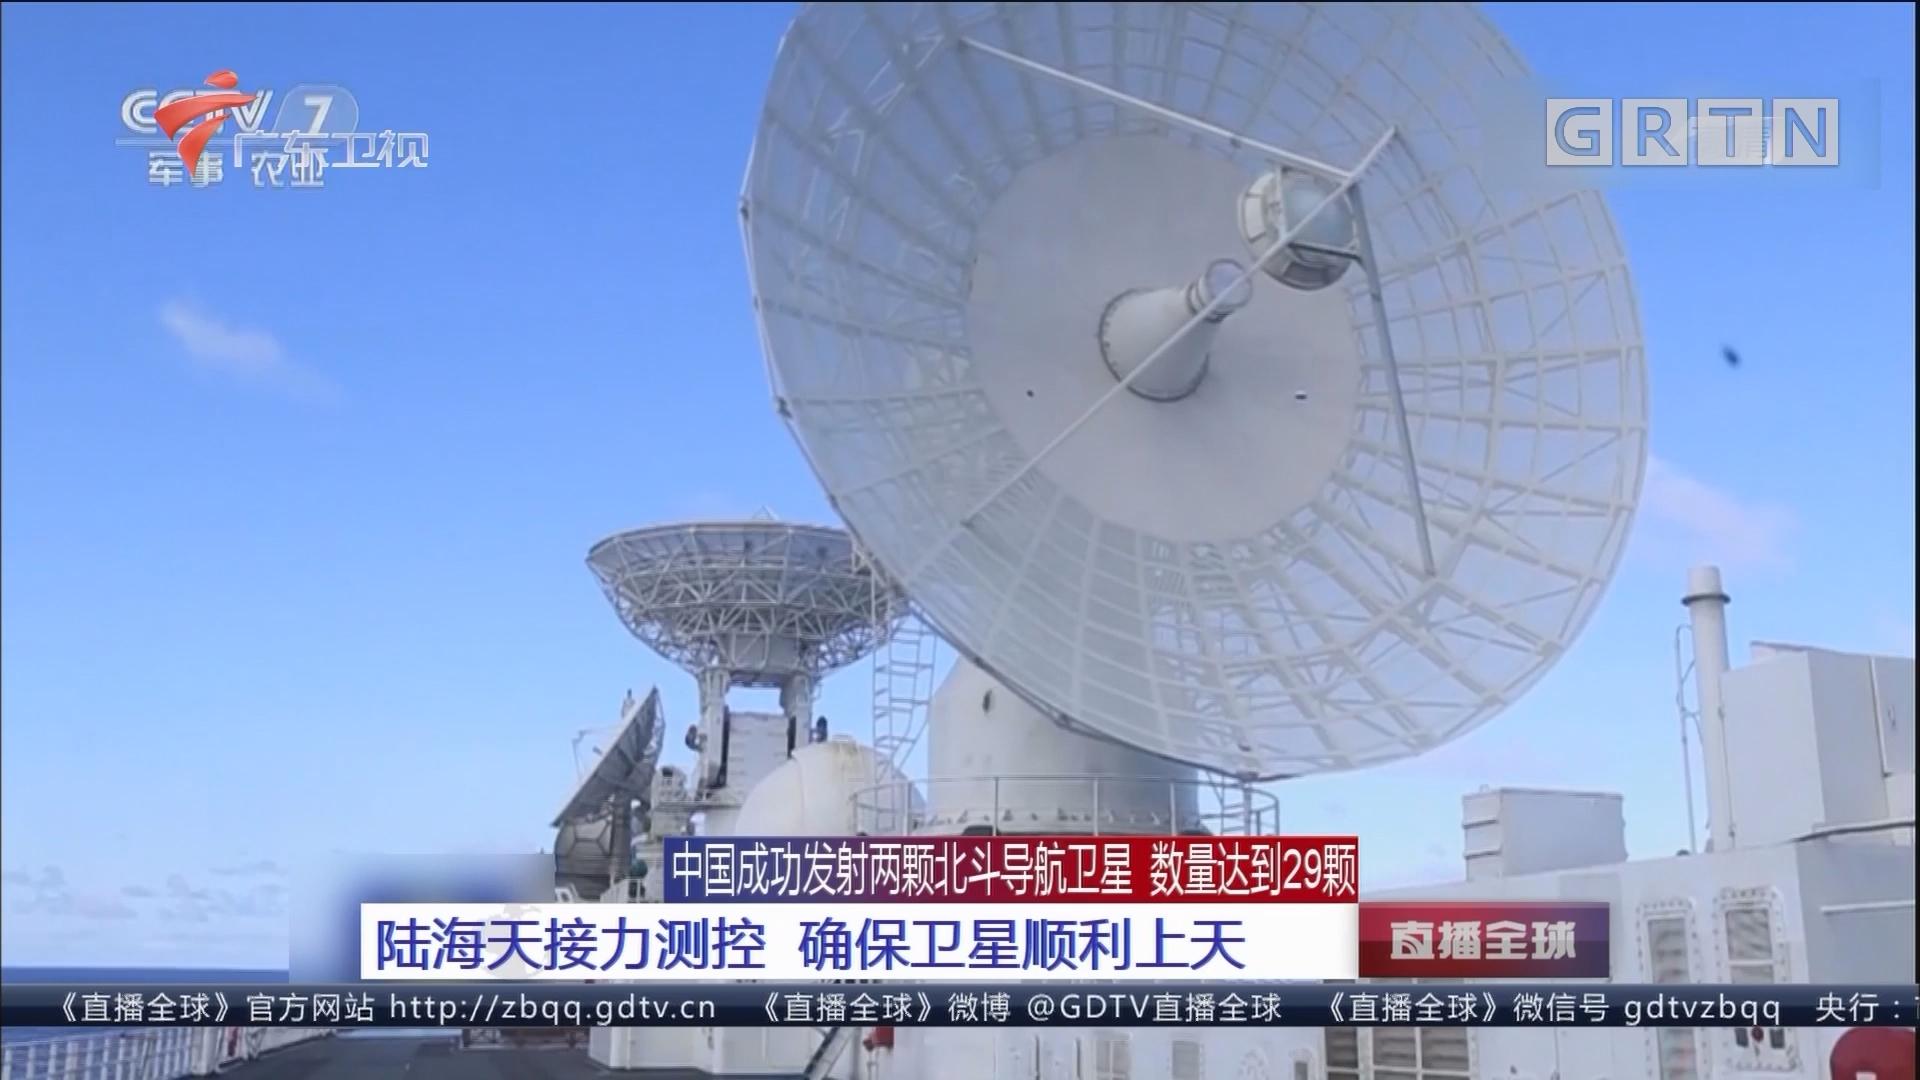 中国成功发射两颗北斗导航卫星 数量达到29颗:第112次发射 当地村民激动不已